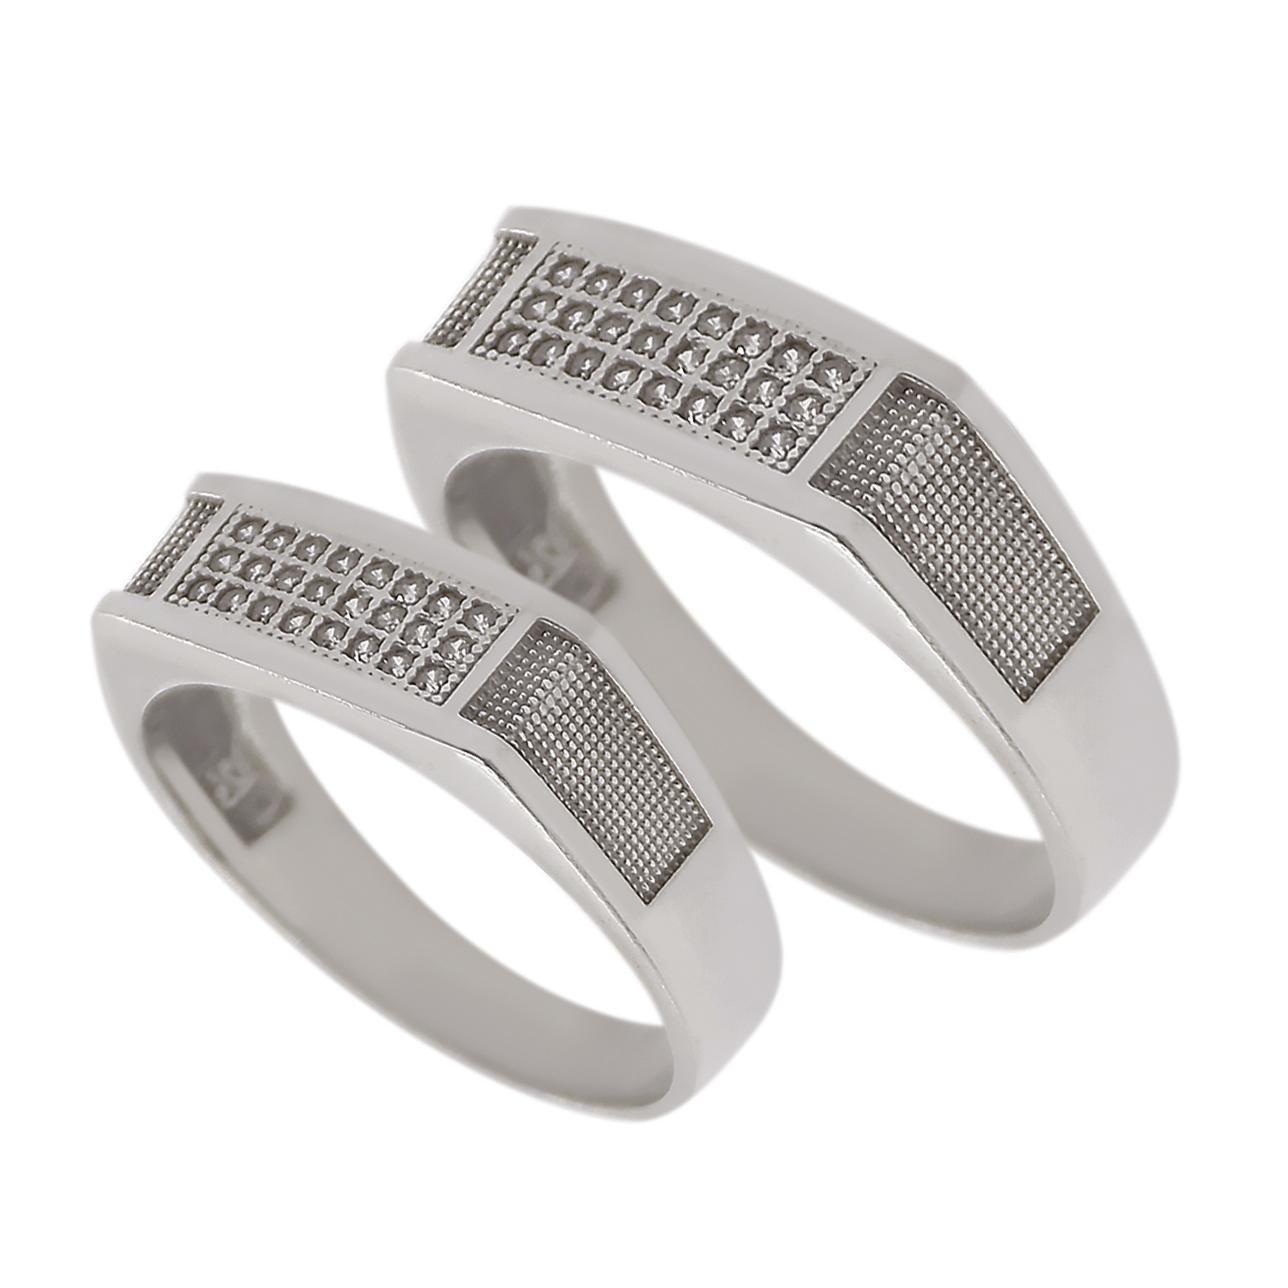 ست انگشتر نقره مدل hip0028